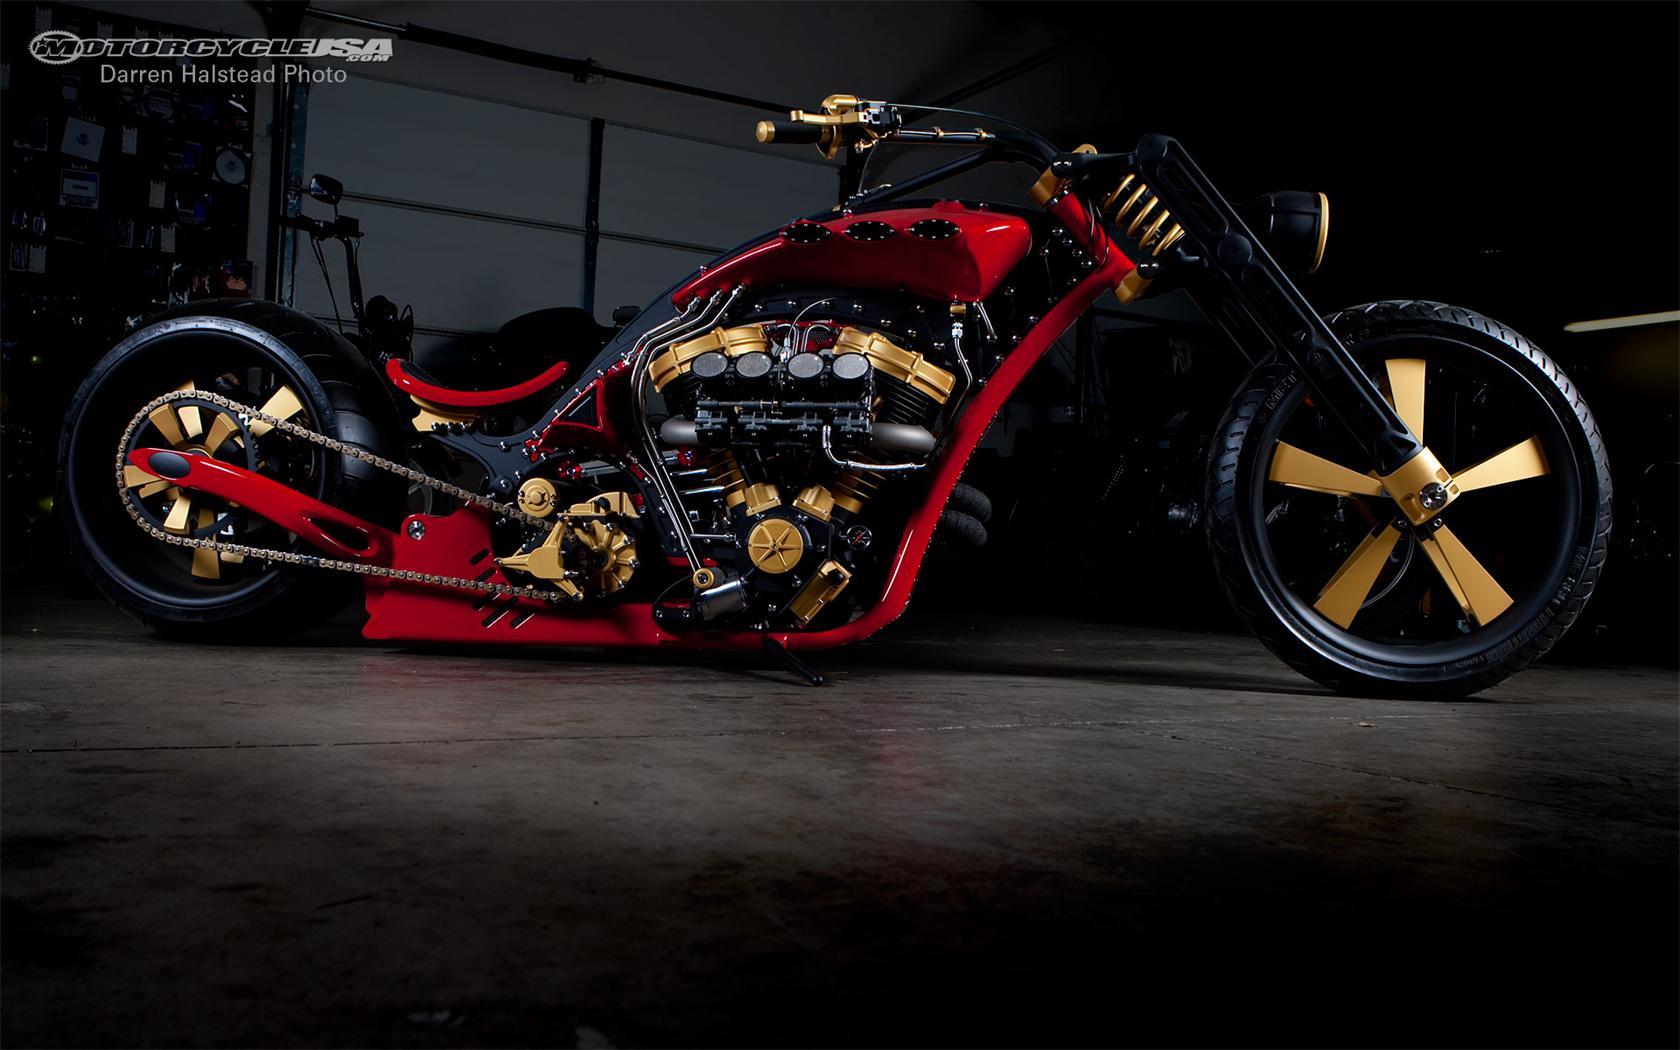 Builders Motorcycle Thunderstruck Wallpapers For Desktop Backgrounds 1680x1050